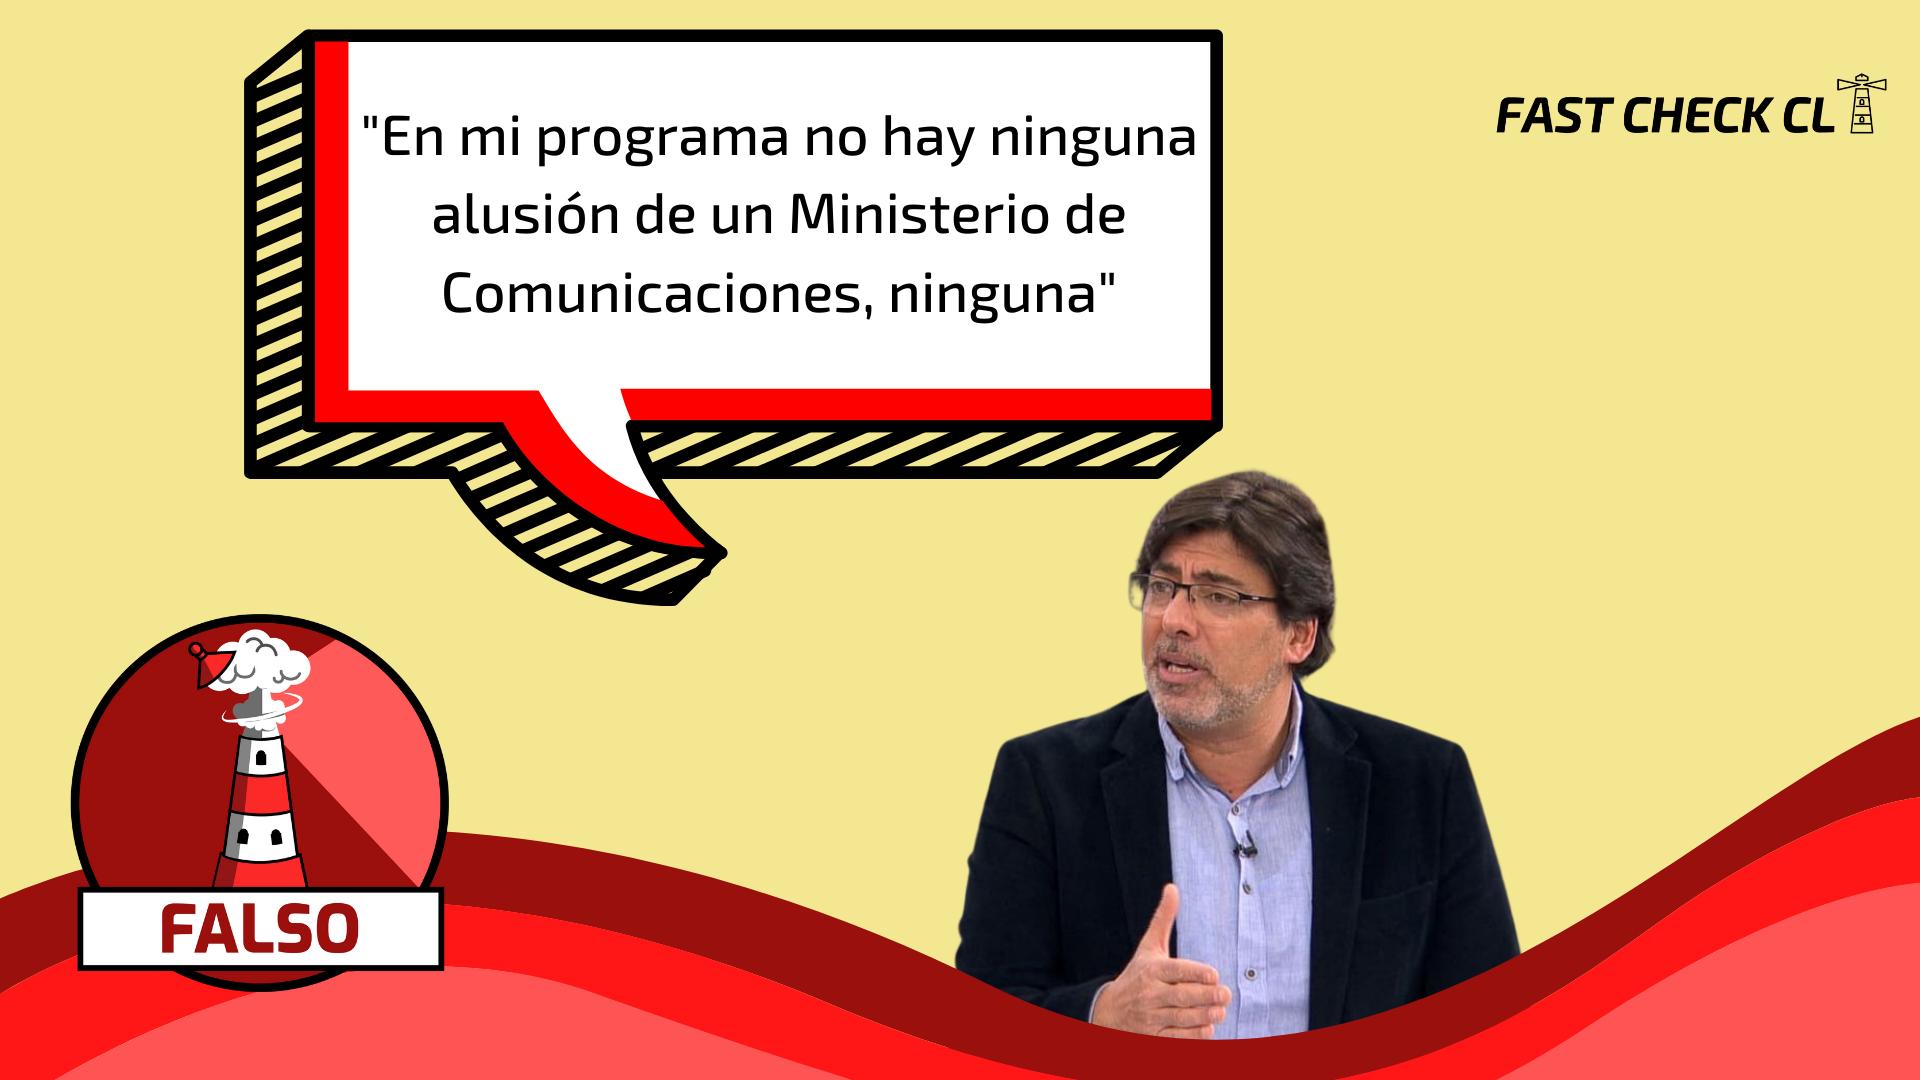 """Read more about the article """"En mi programa no hay ninguna alusión de un Ministerio de Comunicaciones, ninguna"""": #Falso"""